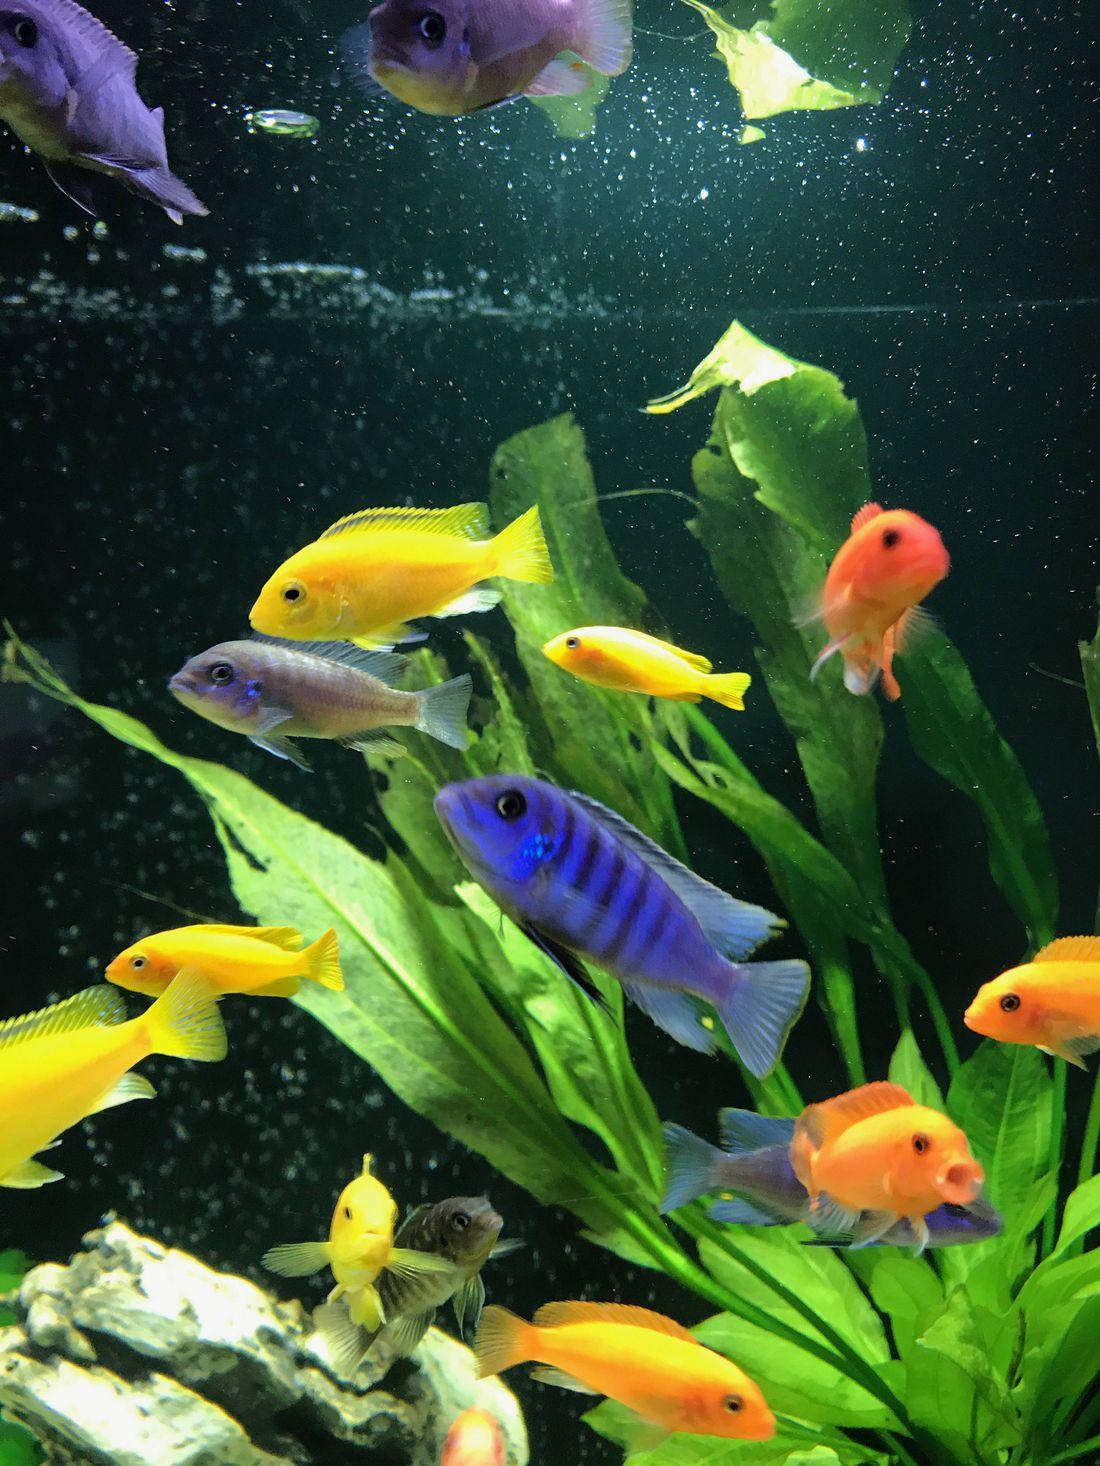 картинки всех рыбок в аквариуме разместили сайте